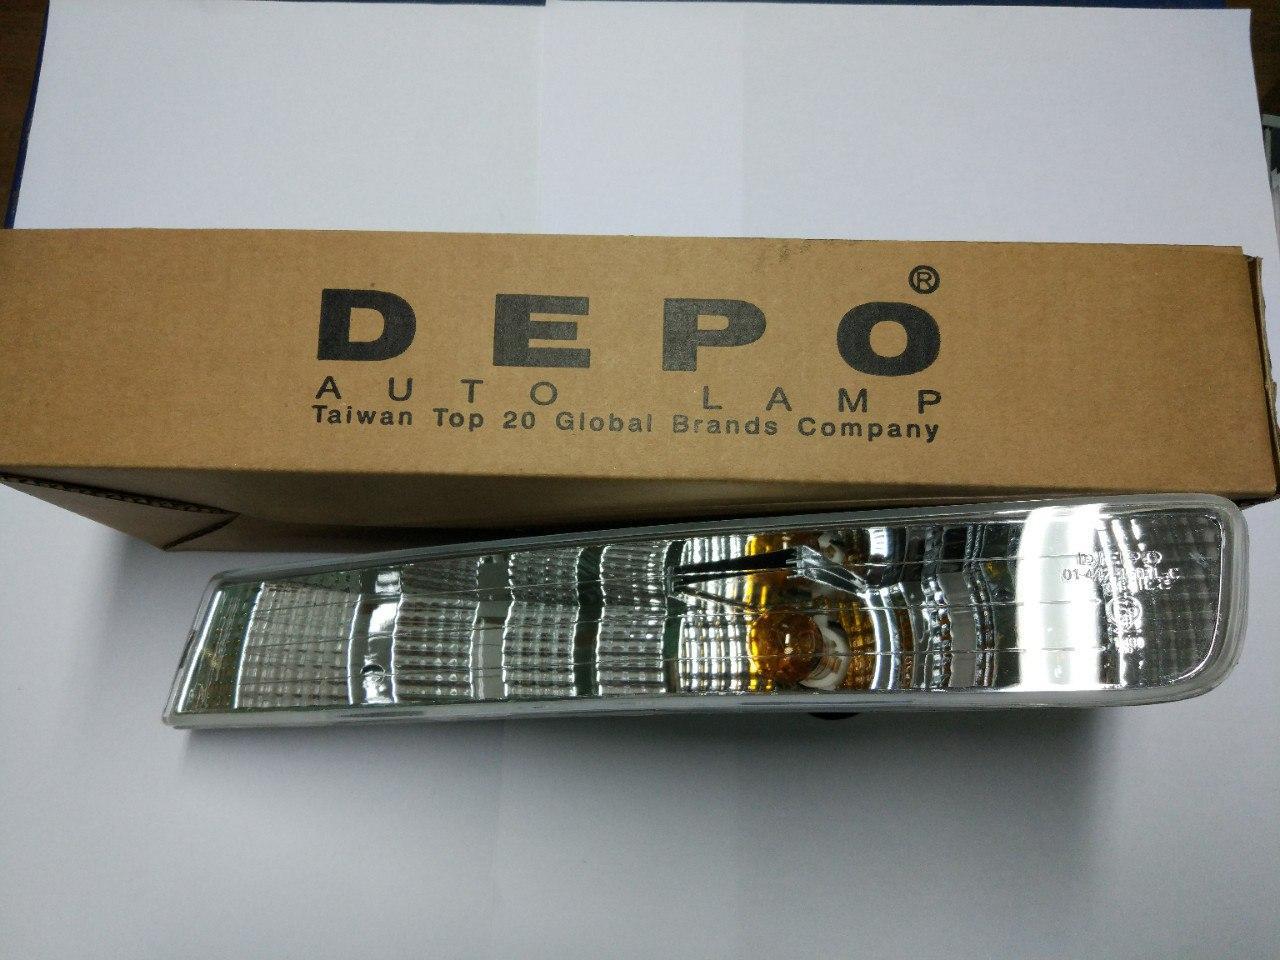 Поворотник лівий Opel Vivaro 2001-2006, Depo 442-1601L-AE